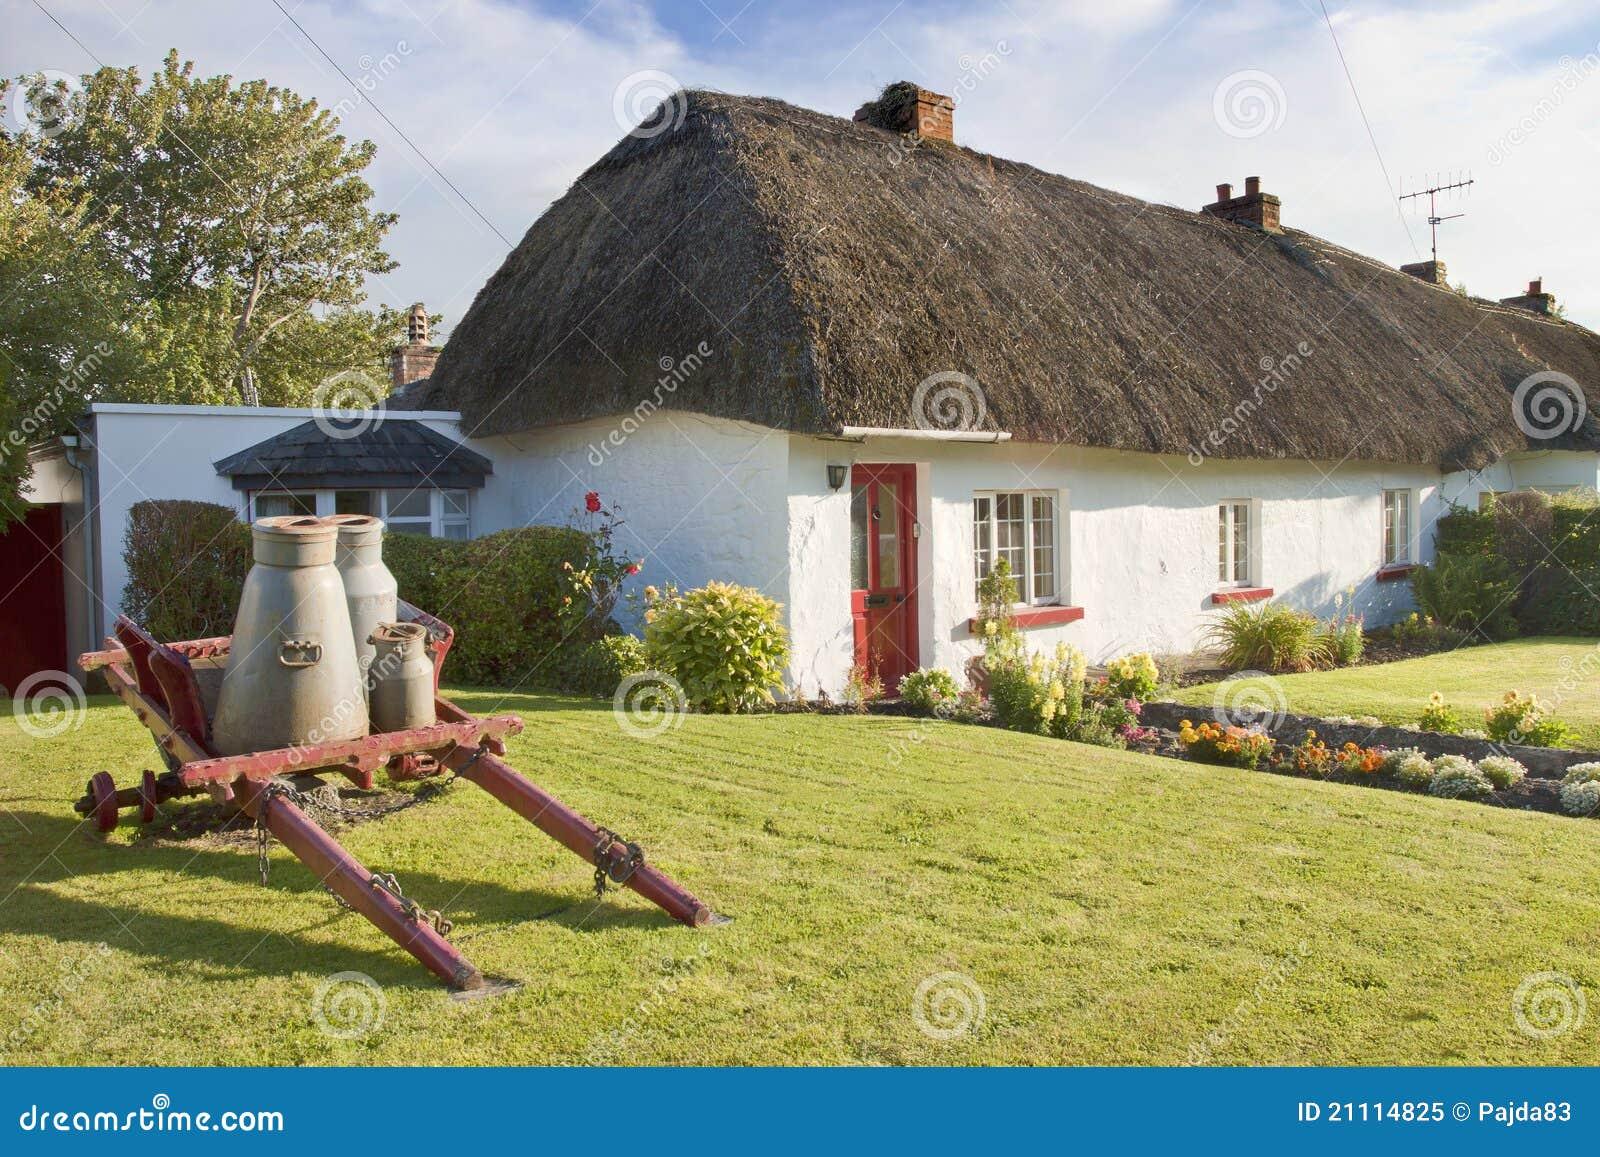 Casa irlandesa t pica en adare irlanda foto de archivo libre de regal as imagen 21114825 - Apartamentos en irlanda ...